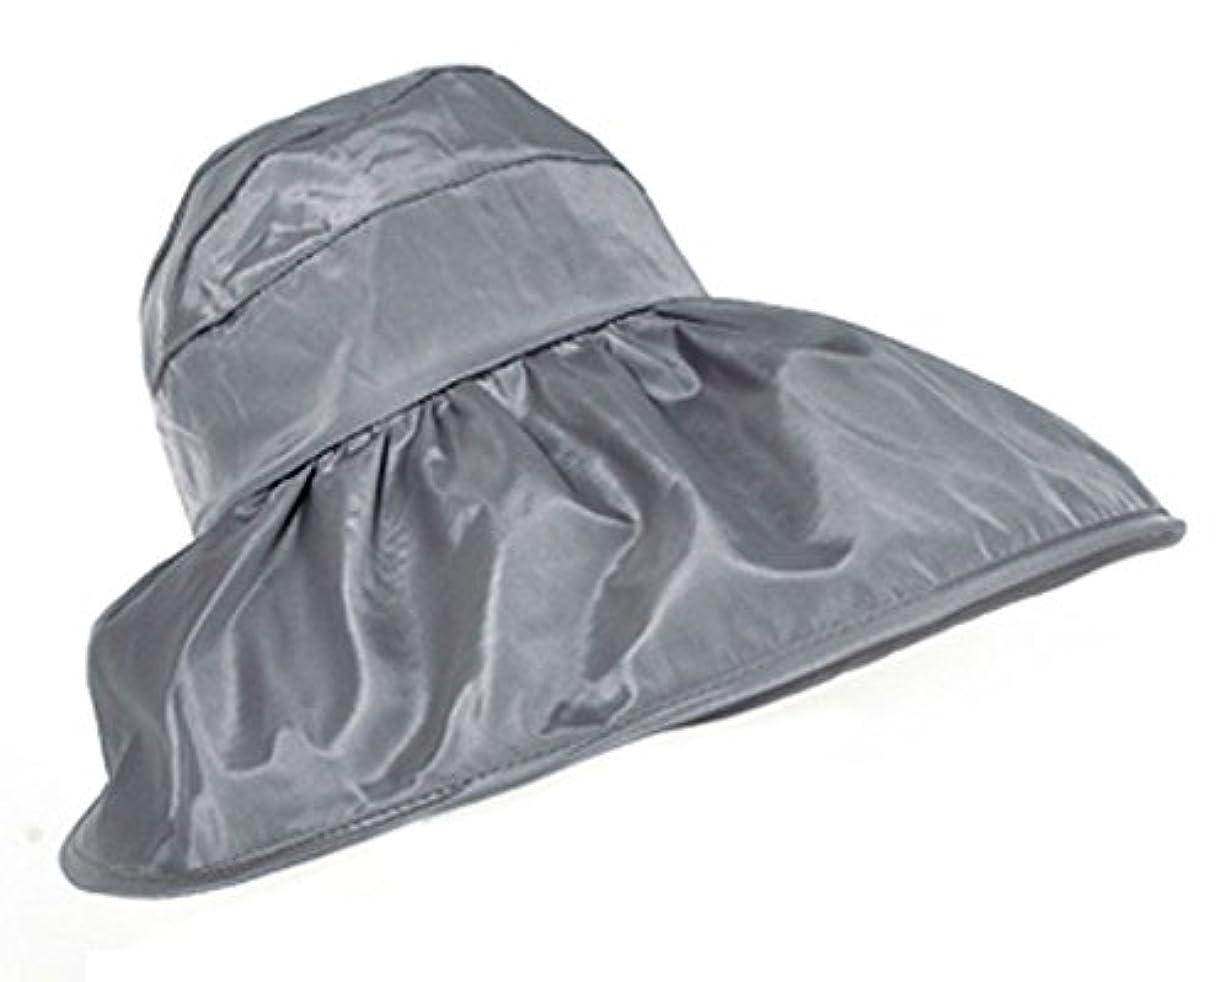 ツール形状協力するFakeFace 夏 レディース 帽子 UVカット サンバイザー 紫外線対策 日よけ帽子 つば広 オシャレ ケープ ハット 日よけ 折りたたみ 防水 カジュアル 海 農作業 ぼうし サイズ調節可